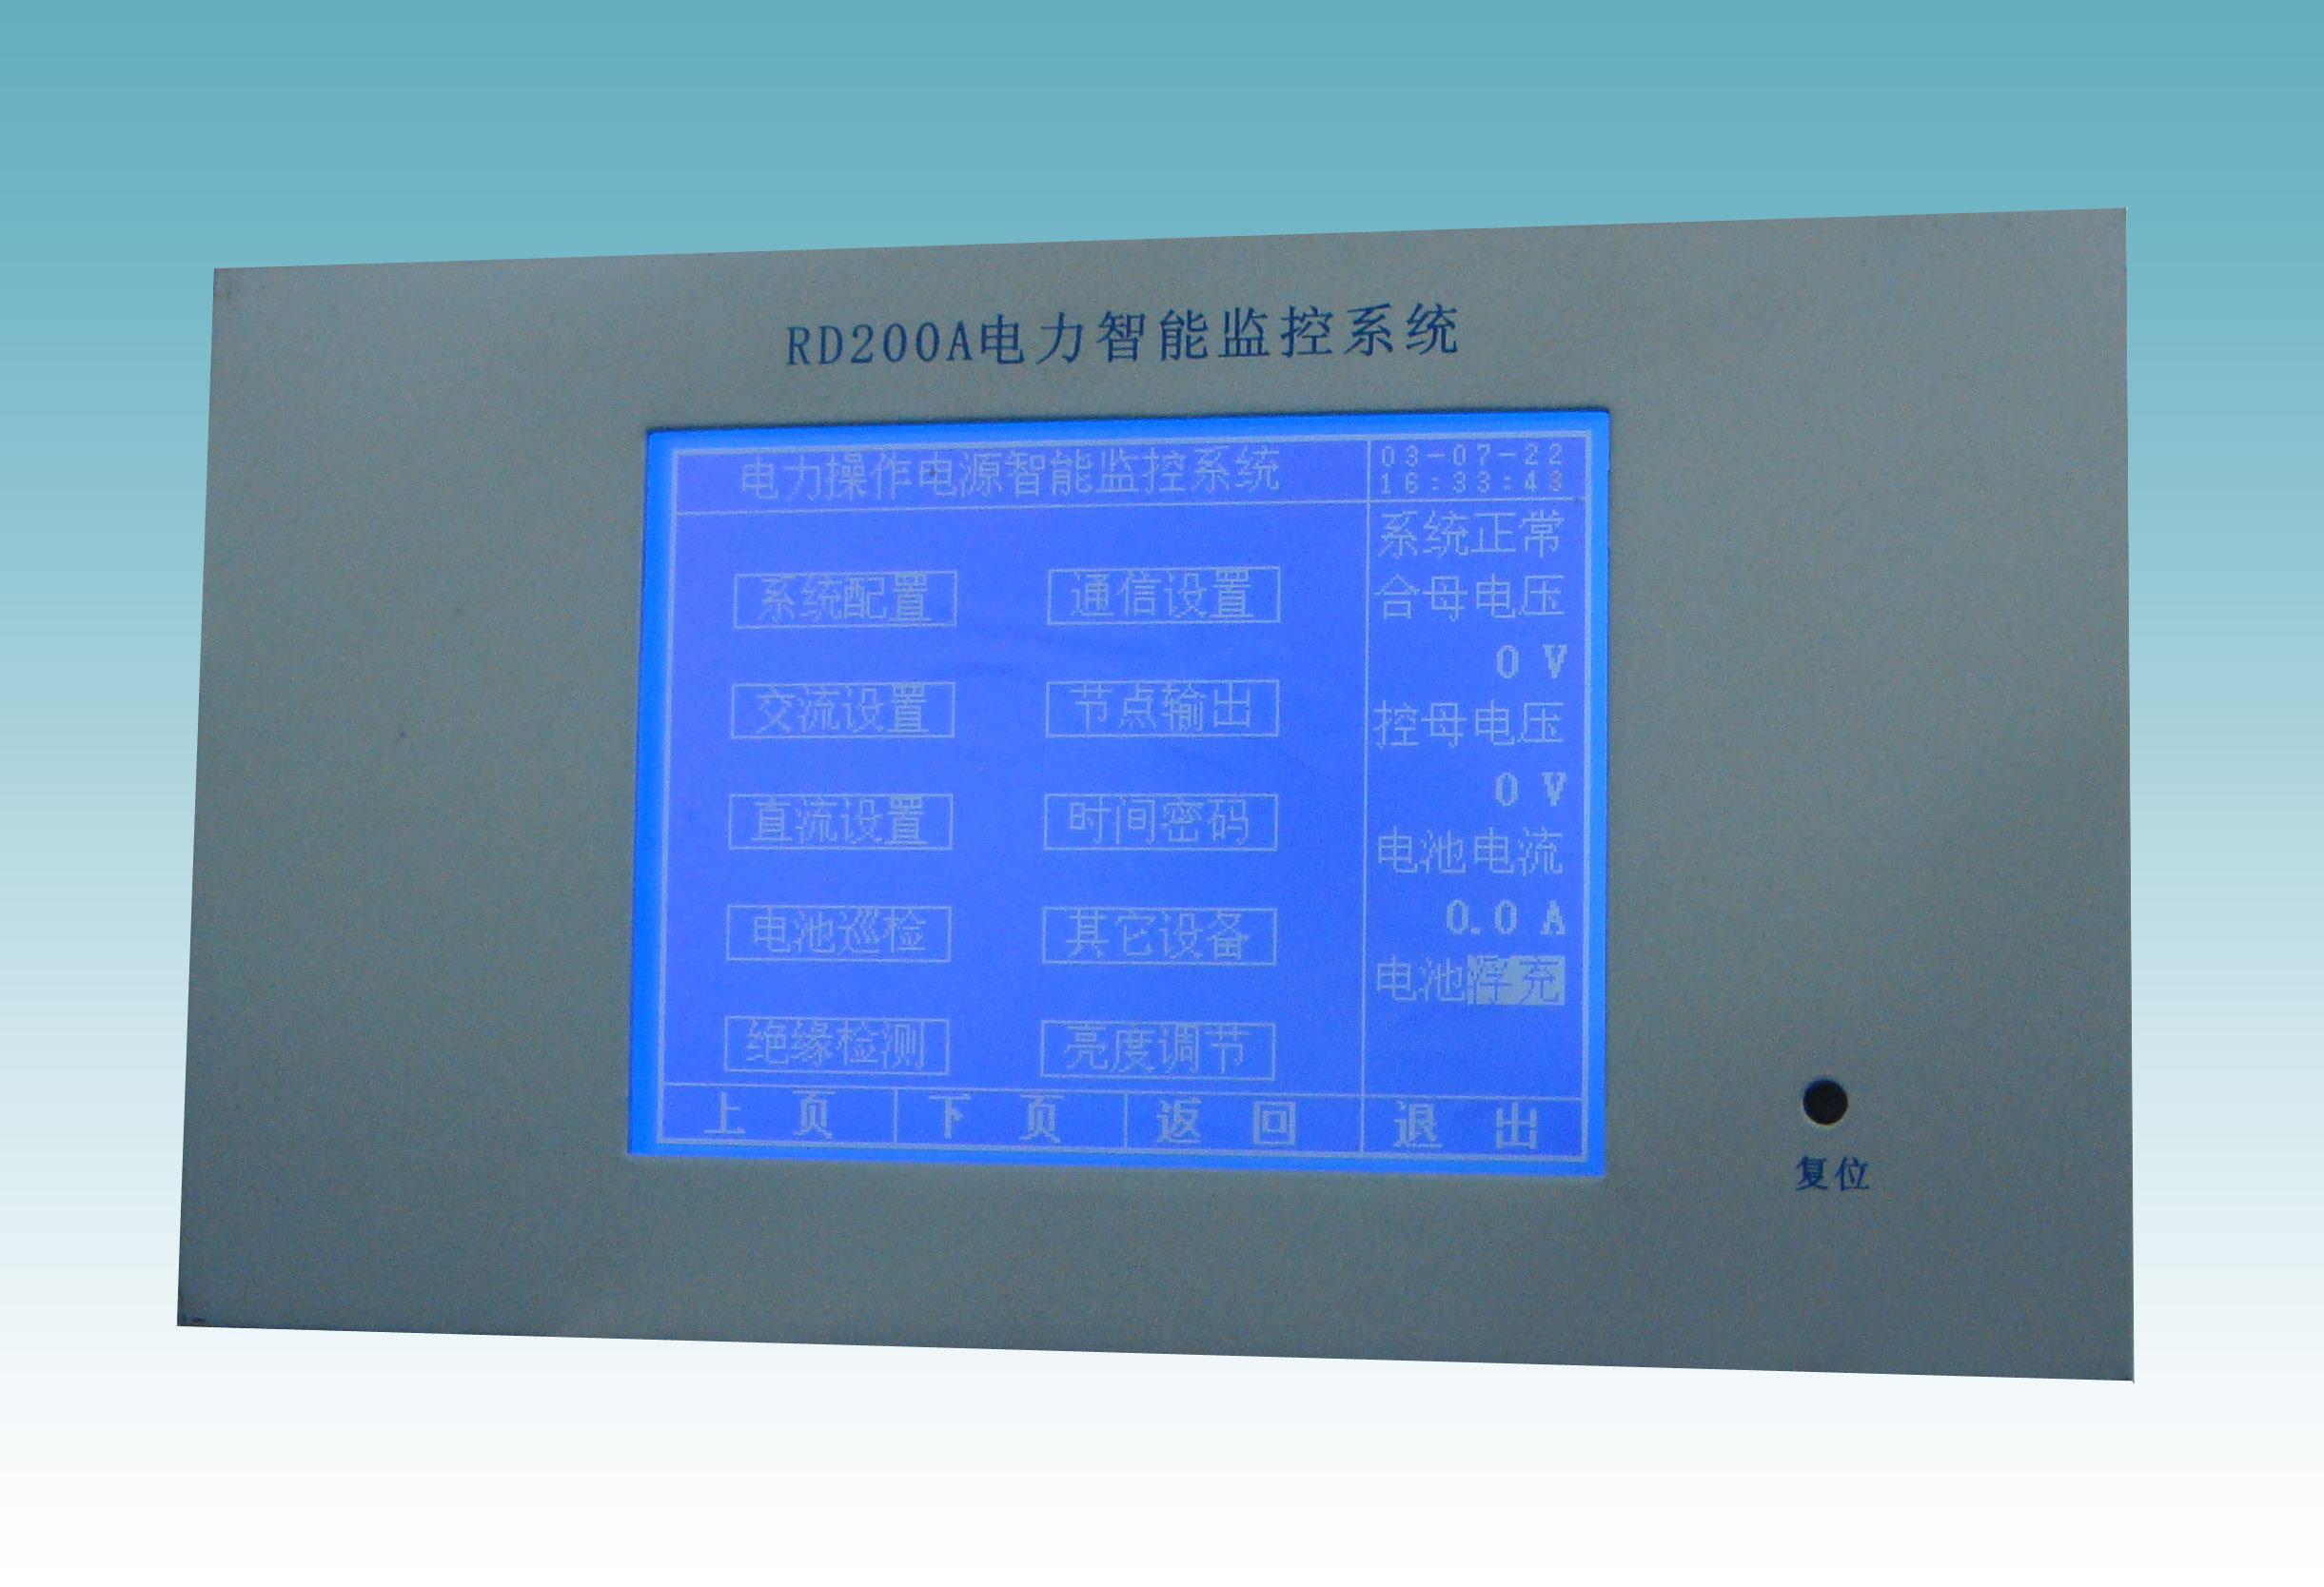 RD200A電力智能監控系統